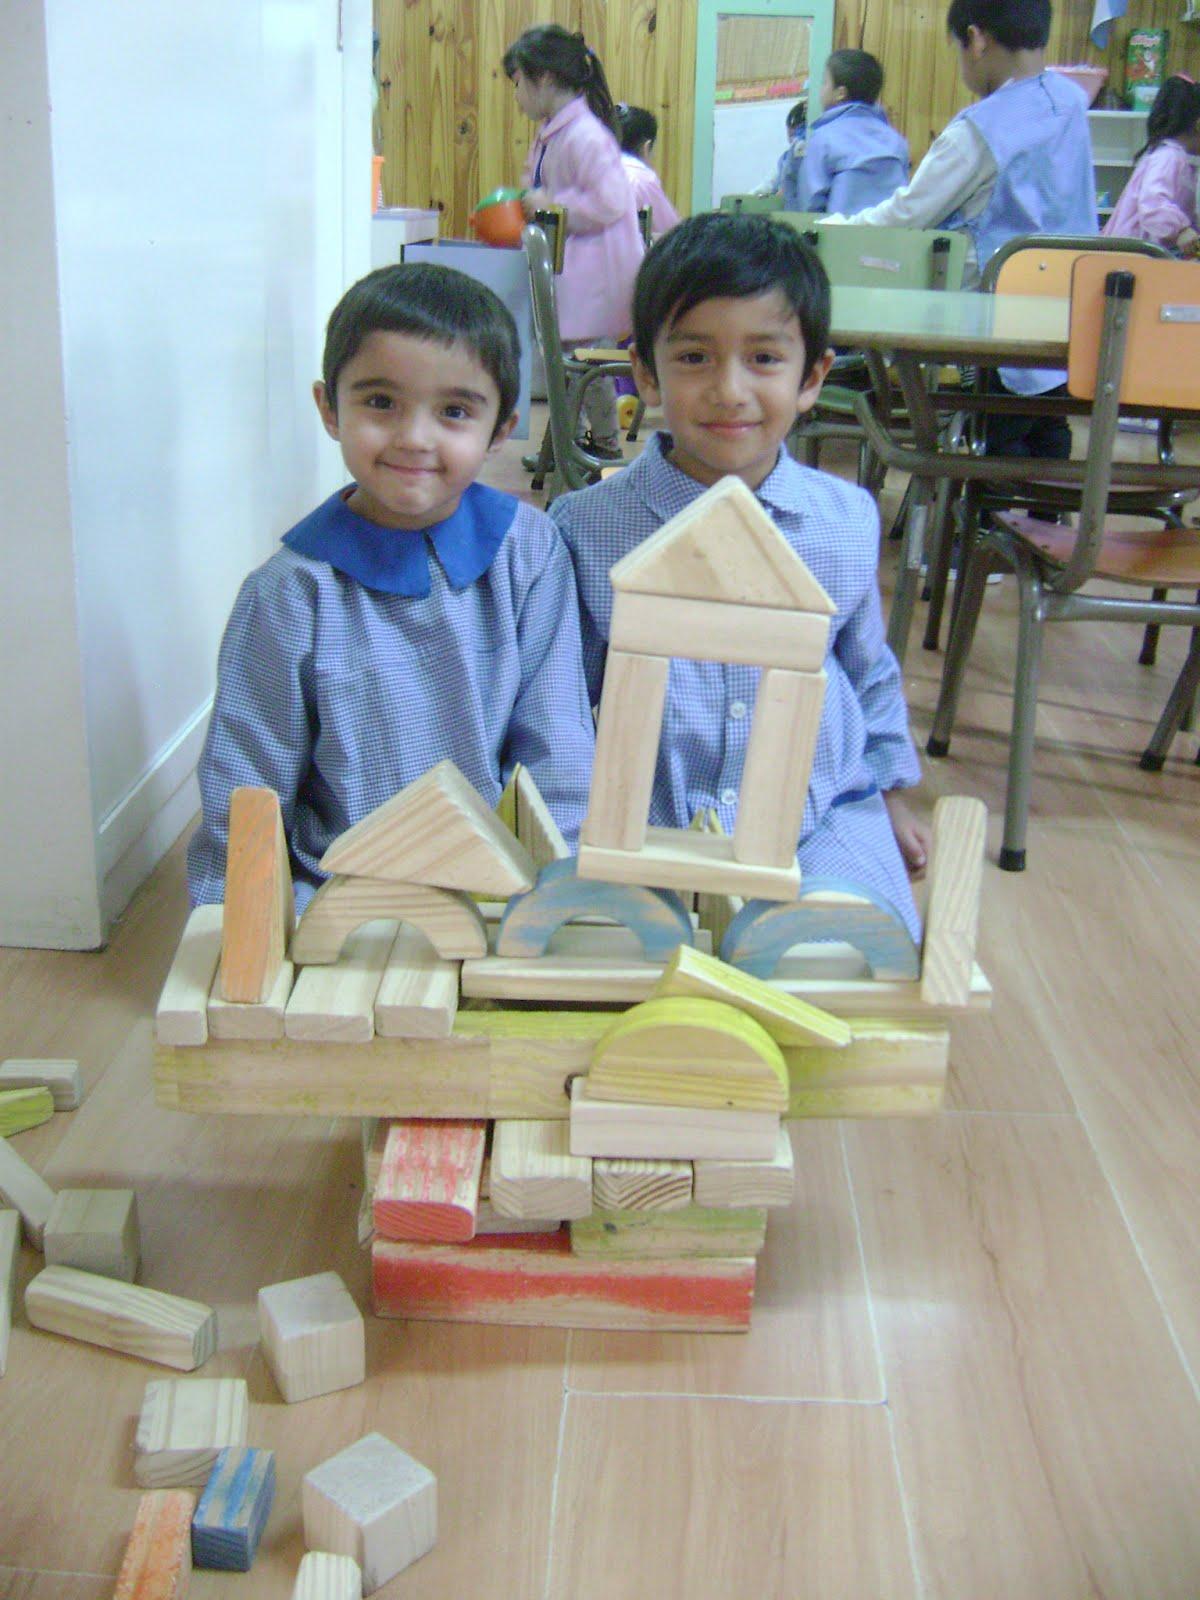 Dos amigos constructores